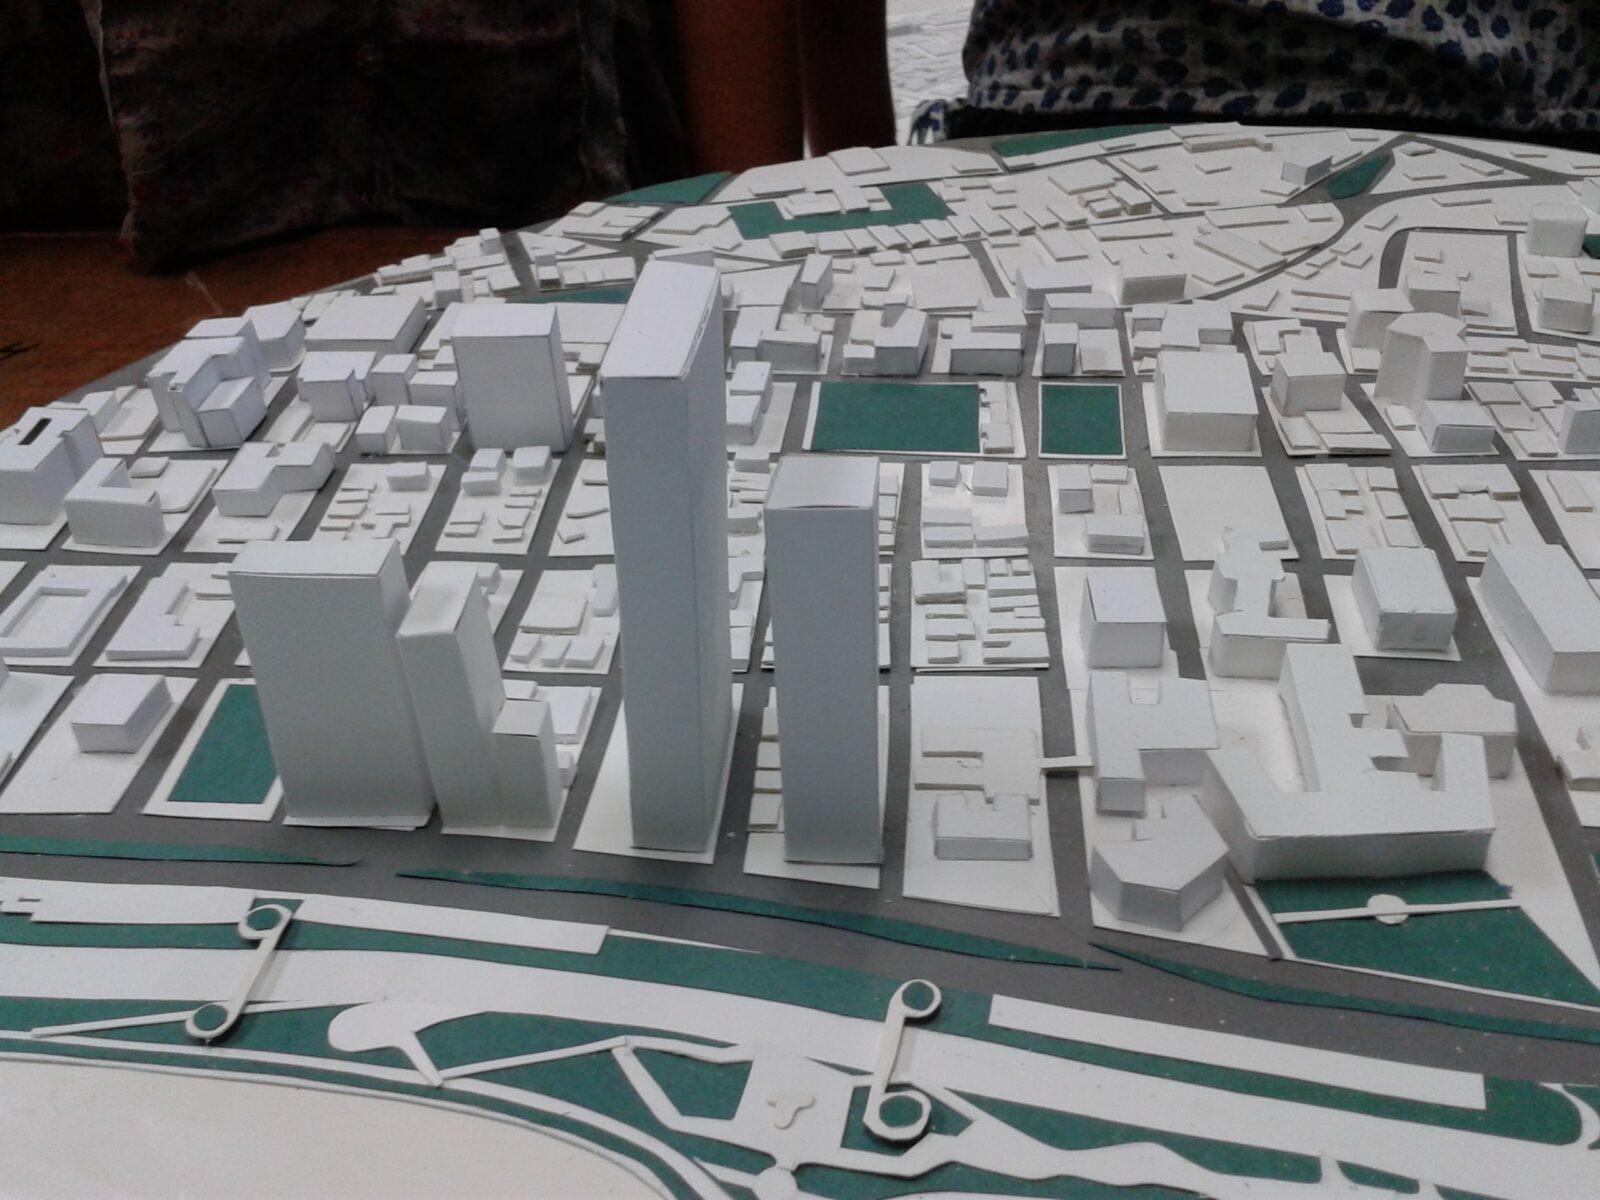 2012 06 19 08 15 31 - La vivienda desacelera en las mayores ciudades españolas